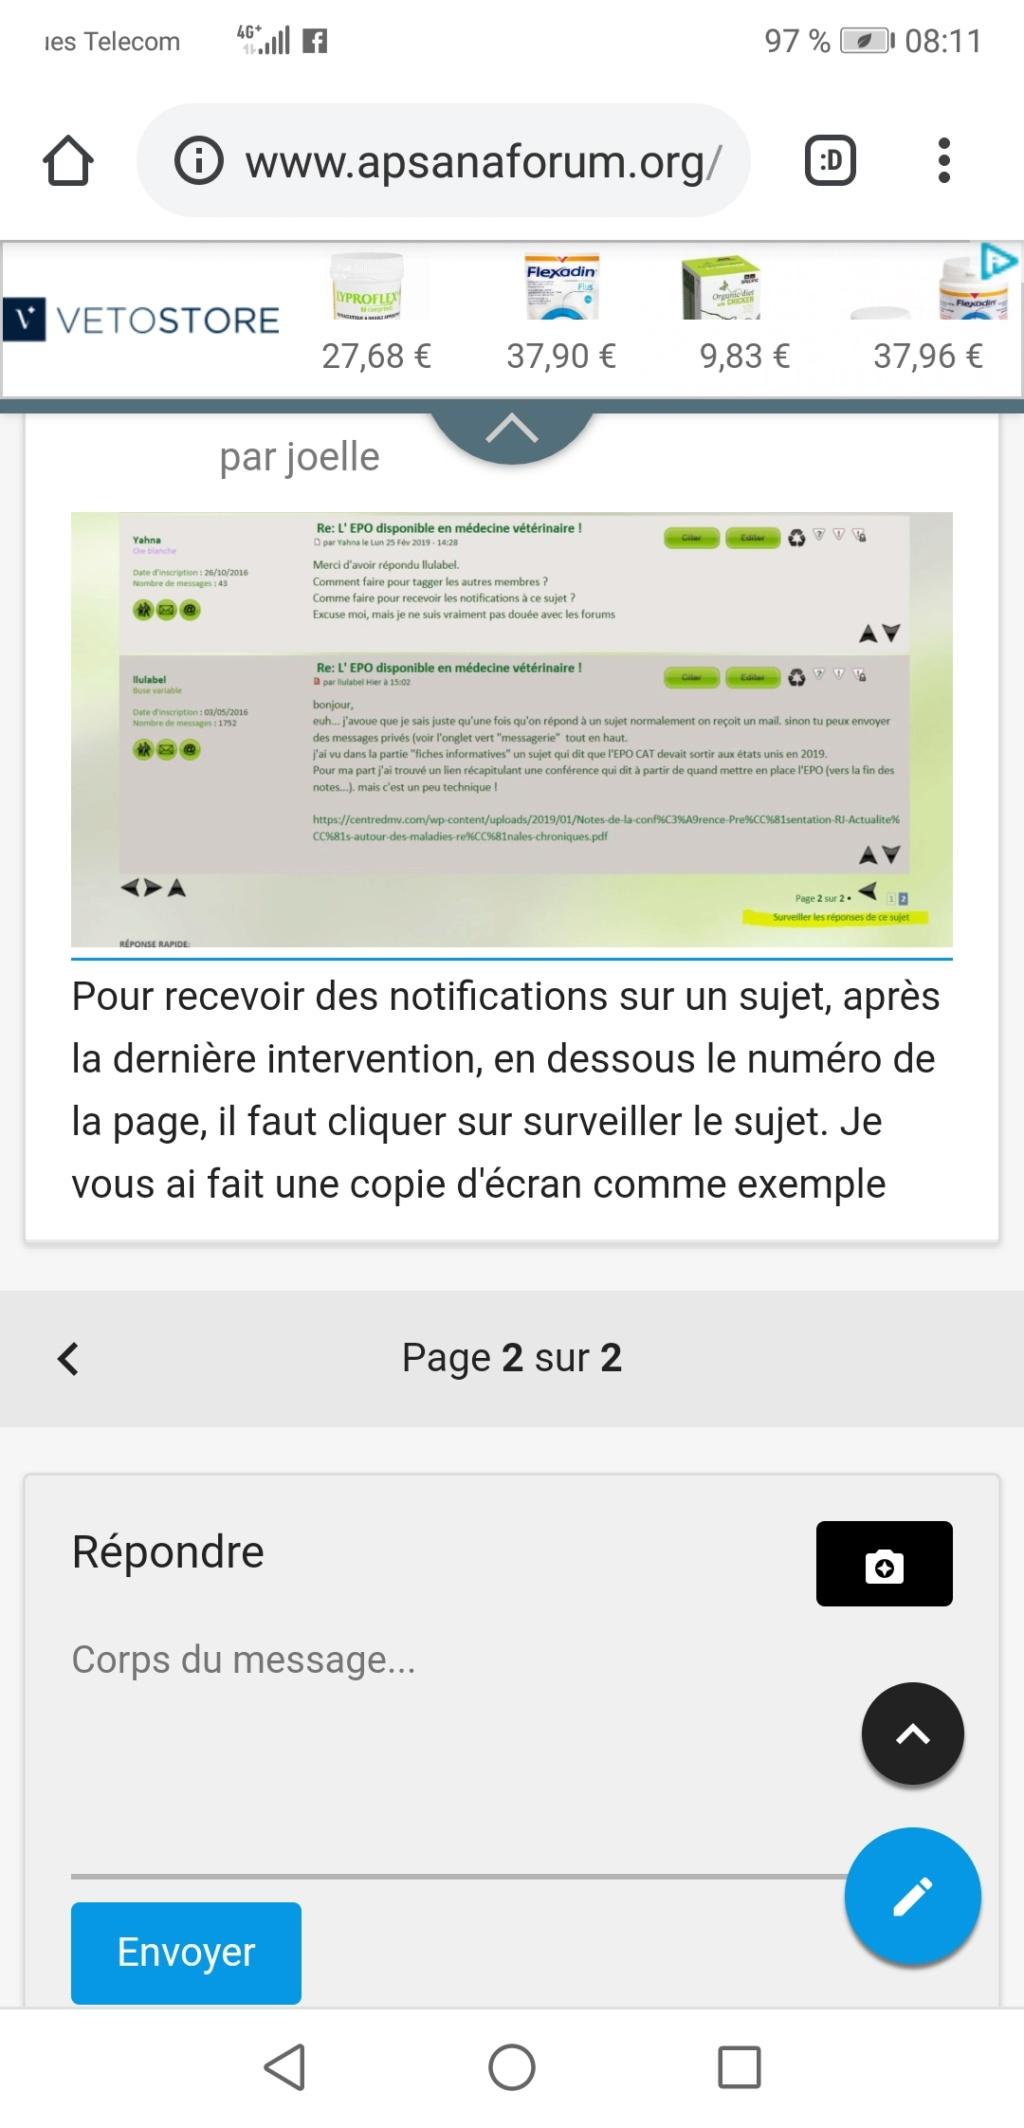 L' EPO disponible en médecine vétérinaire ! - Page 2 Screen10